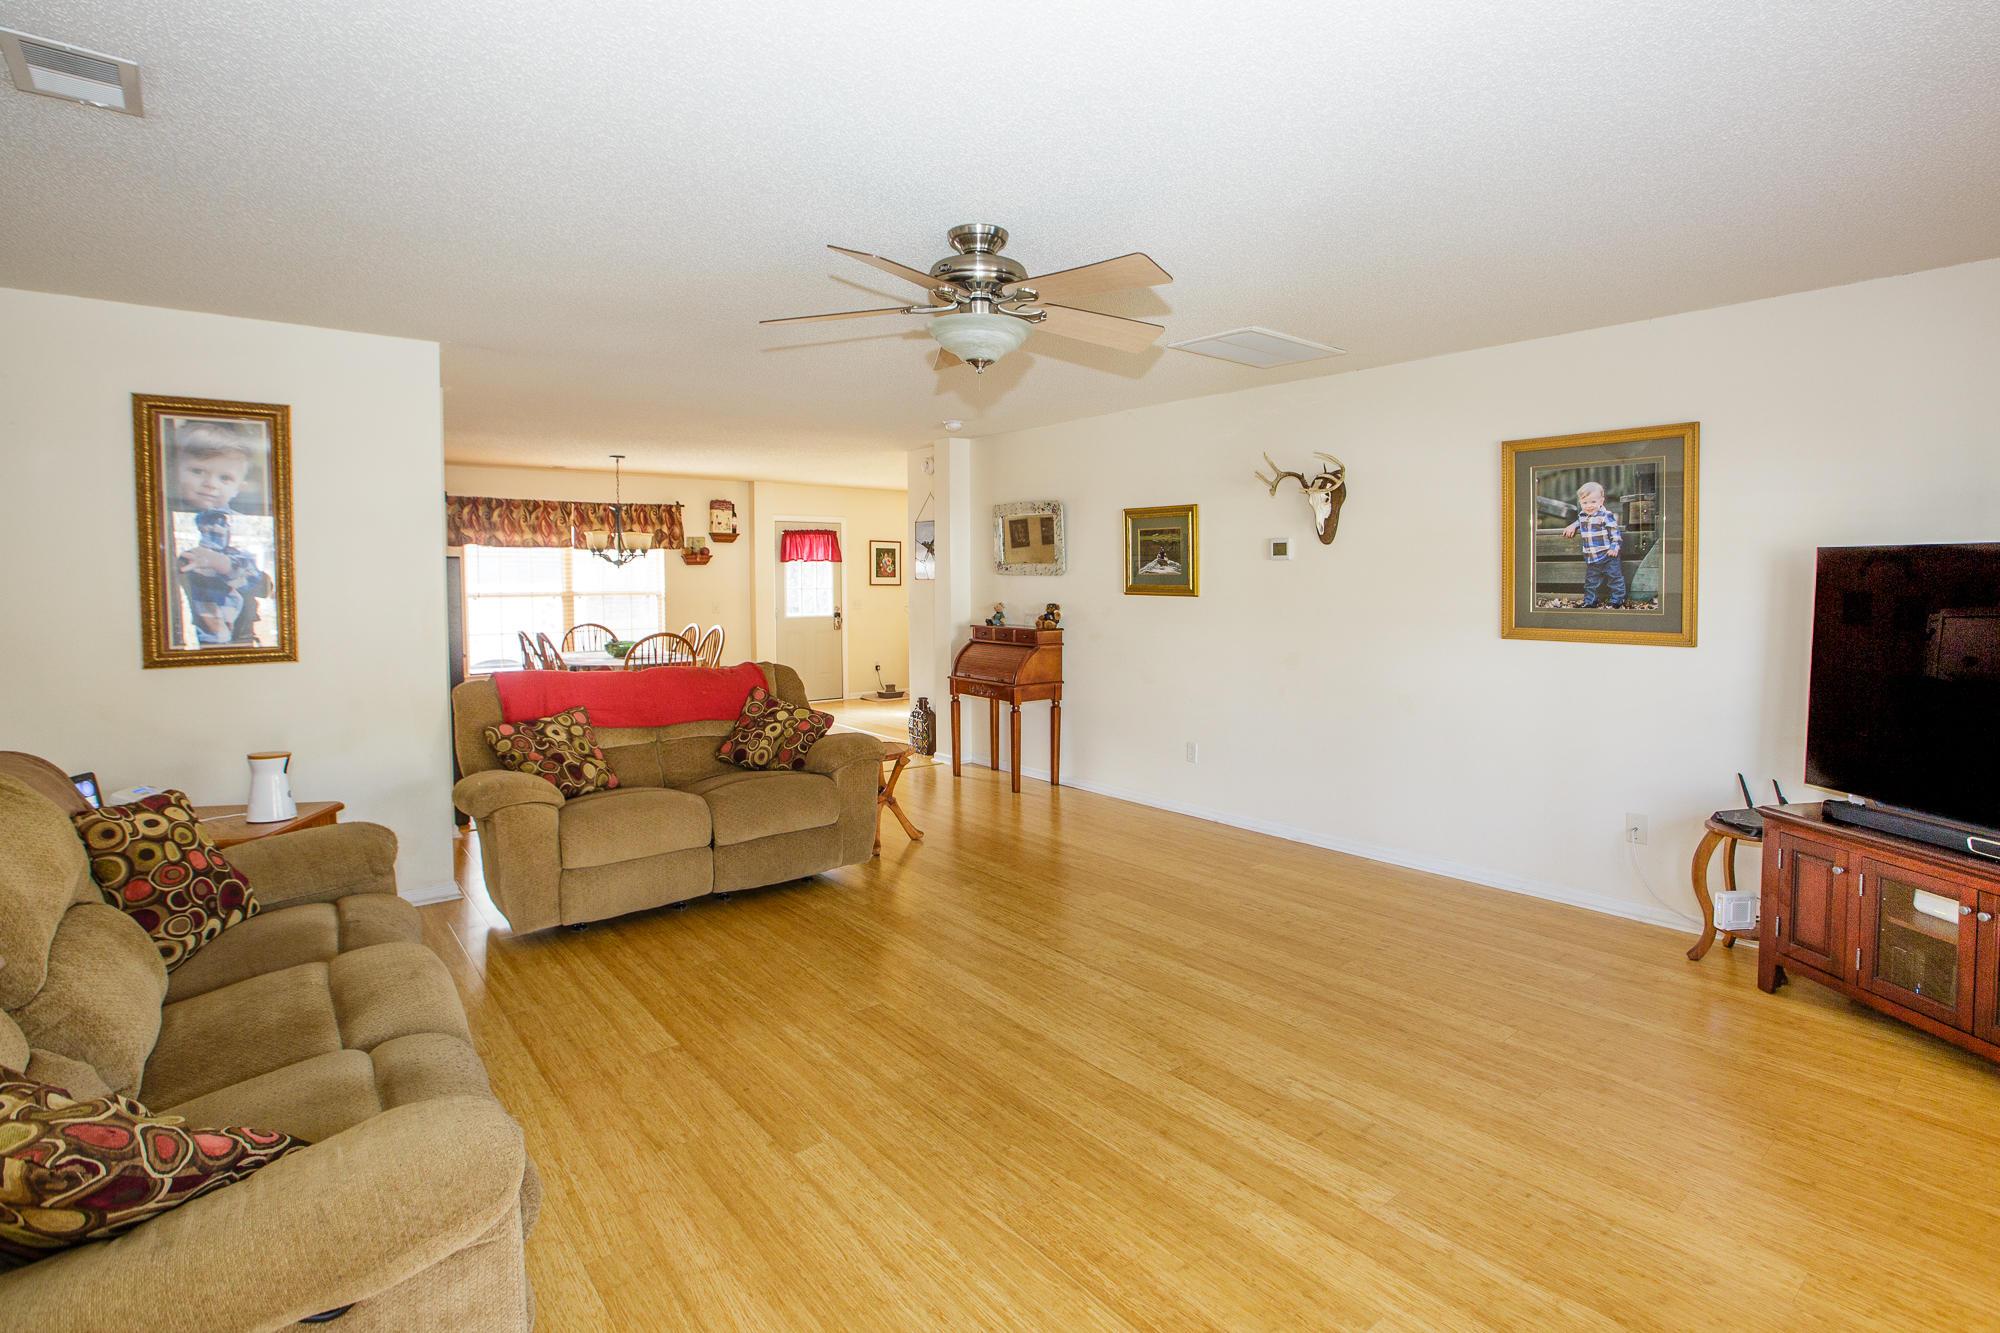 Hawthorne Place Homes For Sale - 347 Cohen, Ladson, SC - 8